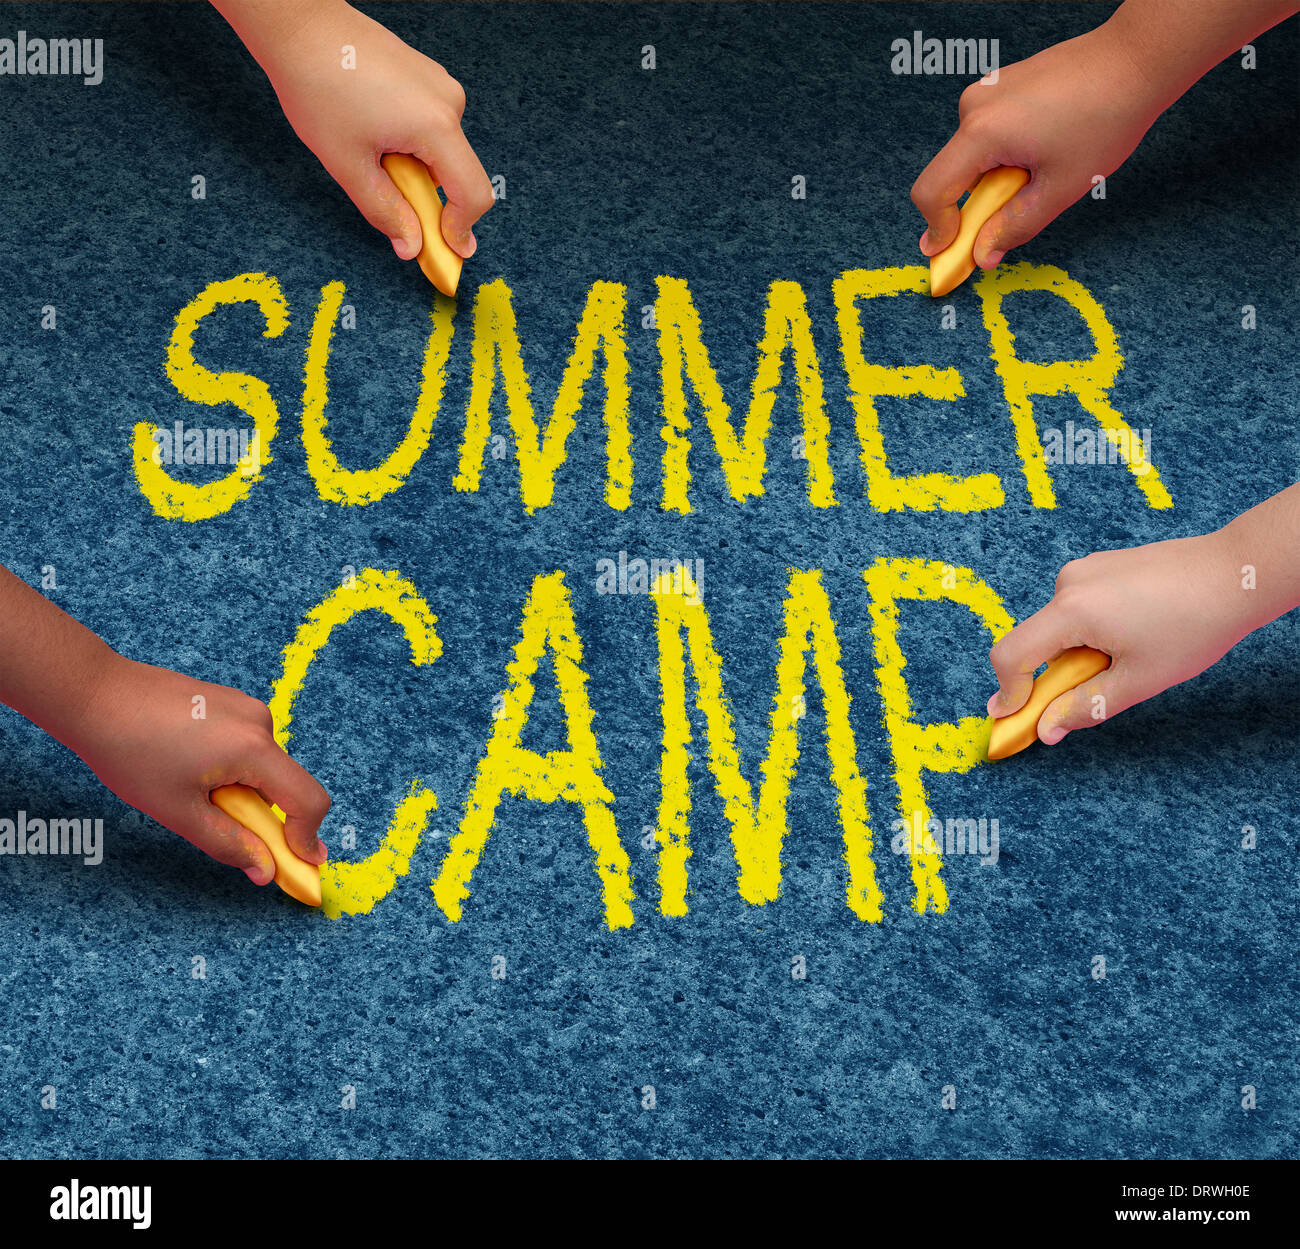 Camp d'été avec les enfants de l'école multiethnique mots dessin sur un trottoir piscine marbre comme un symbole de l'éducation des loisirs et du plaisir avec un groupe d'enfants qui travaillent en équipe pour la réussite de l'apprentissage. Photo Stock